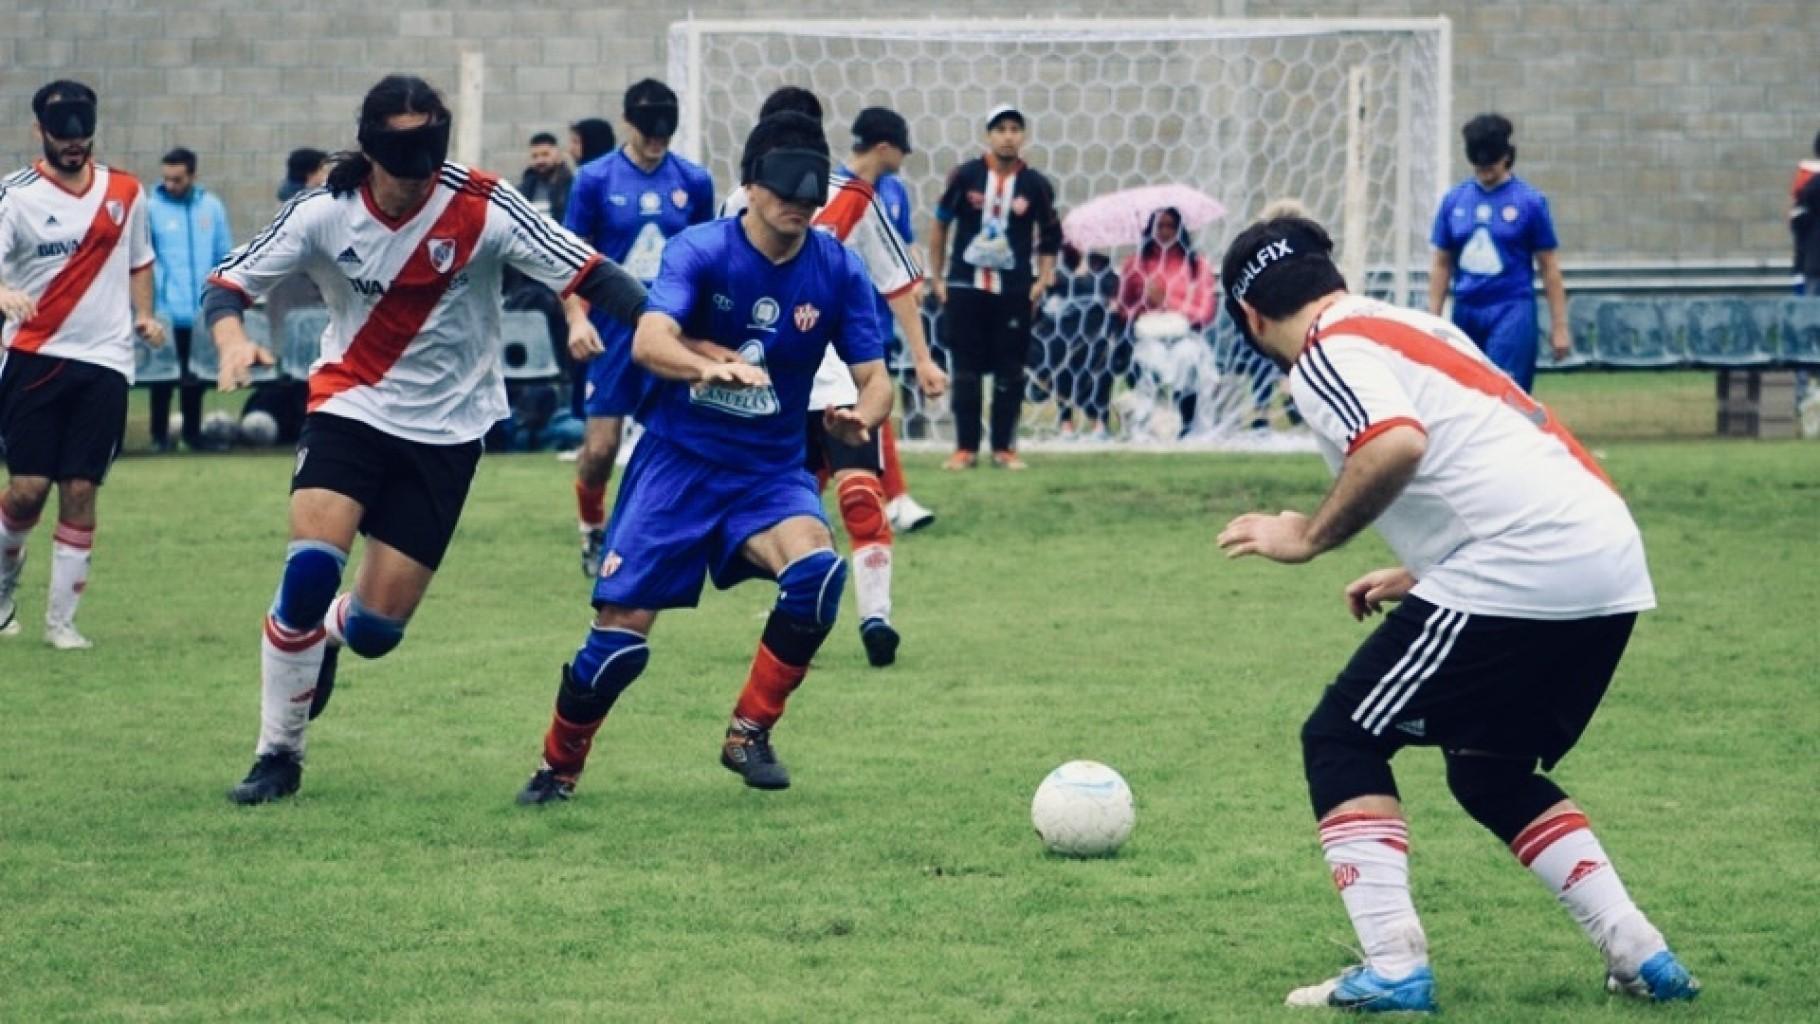 Imagen: Froilán Padilla y Claudio Monzón disputan el balón